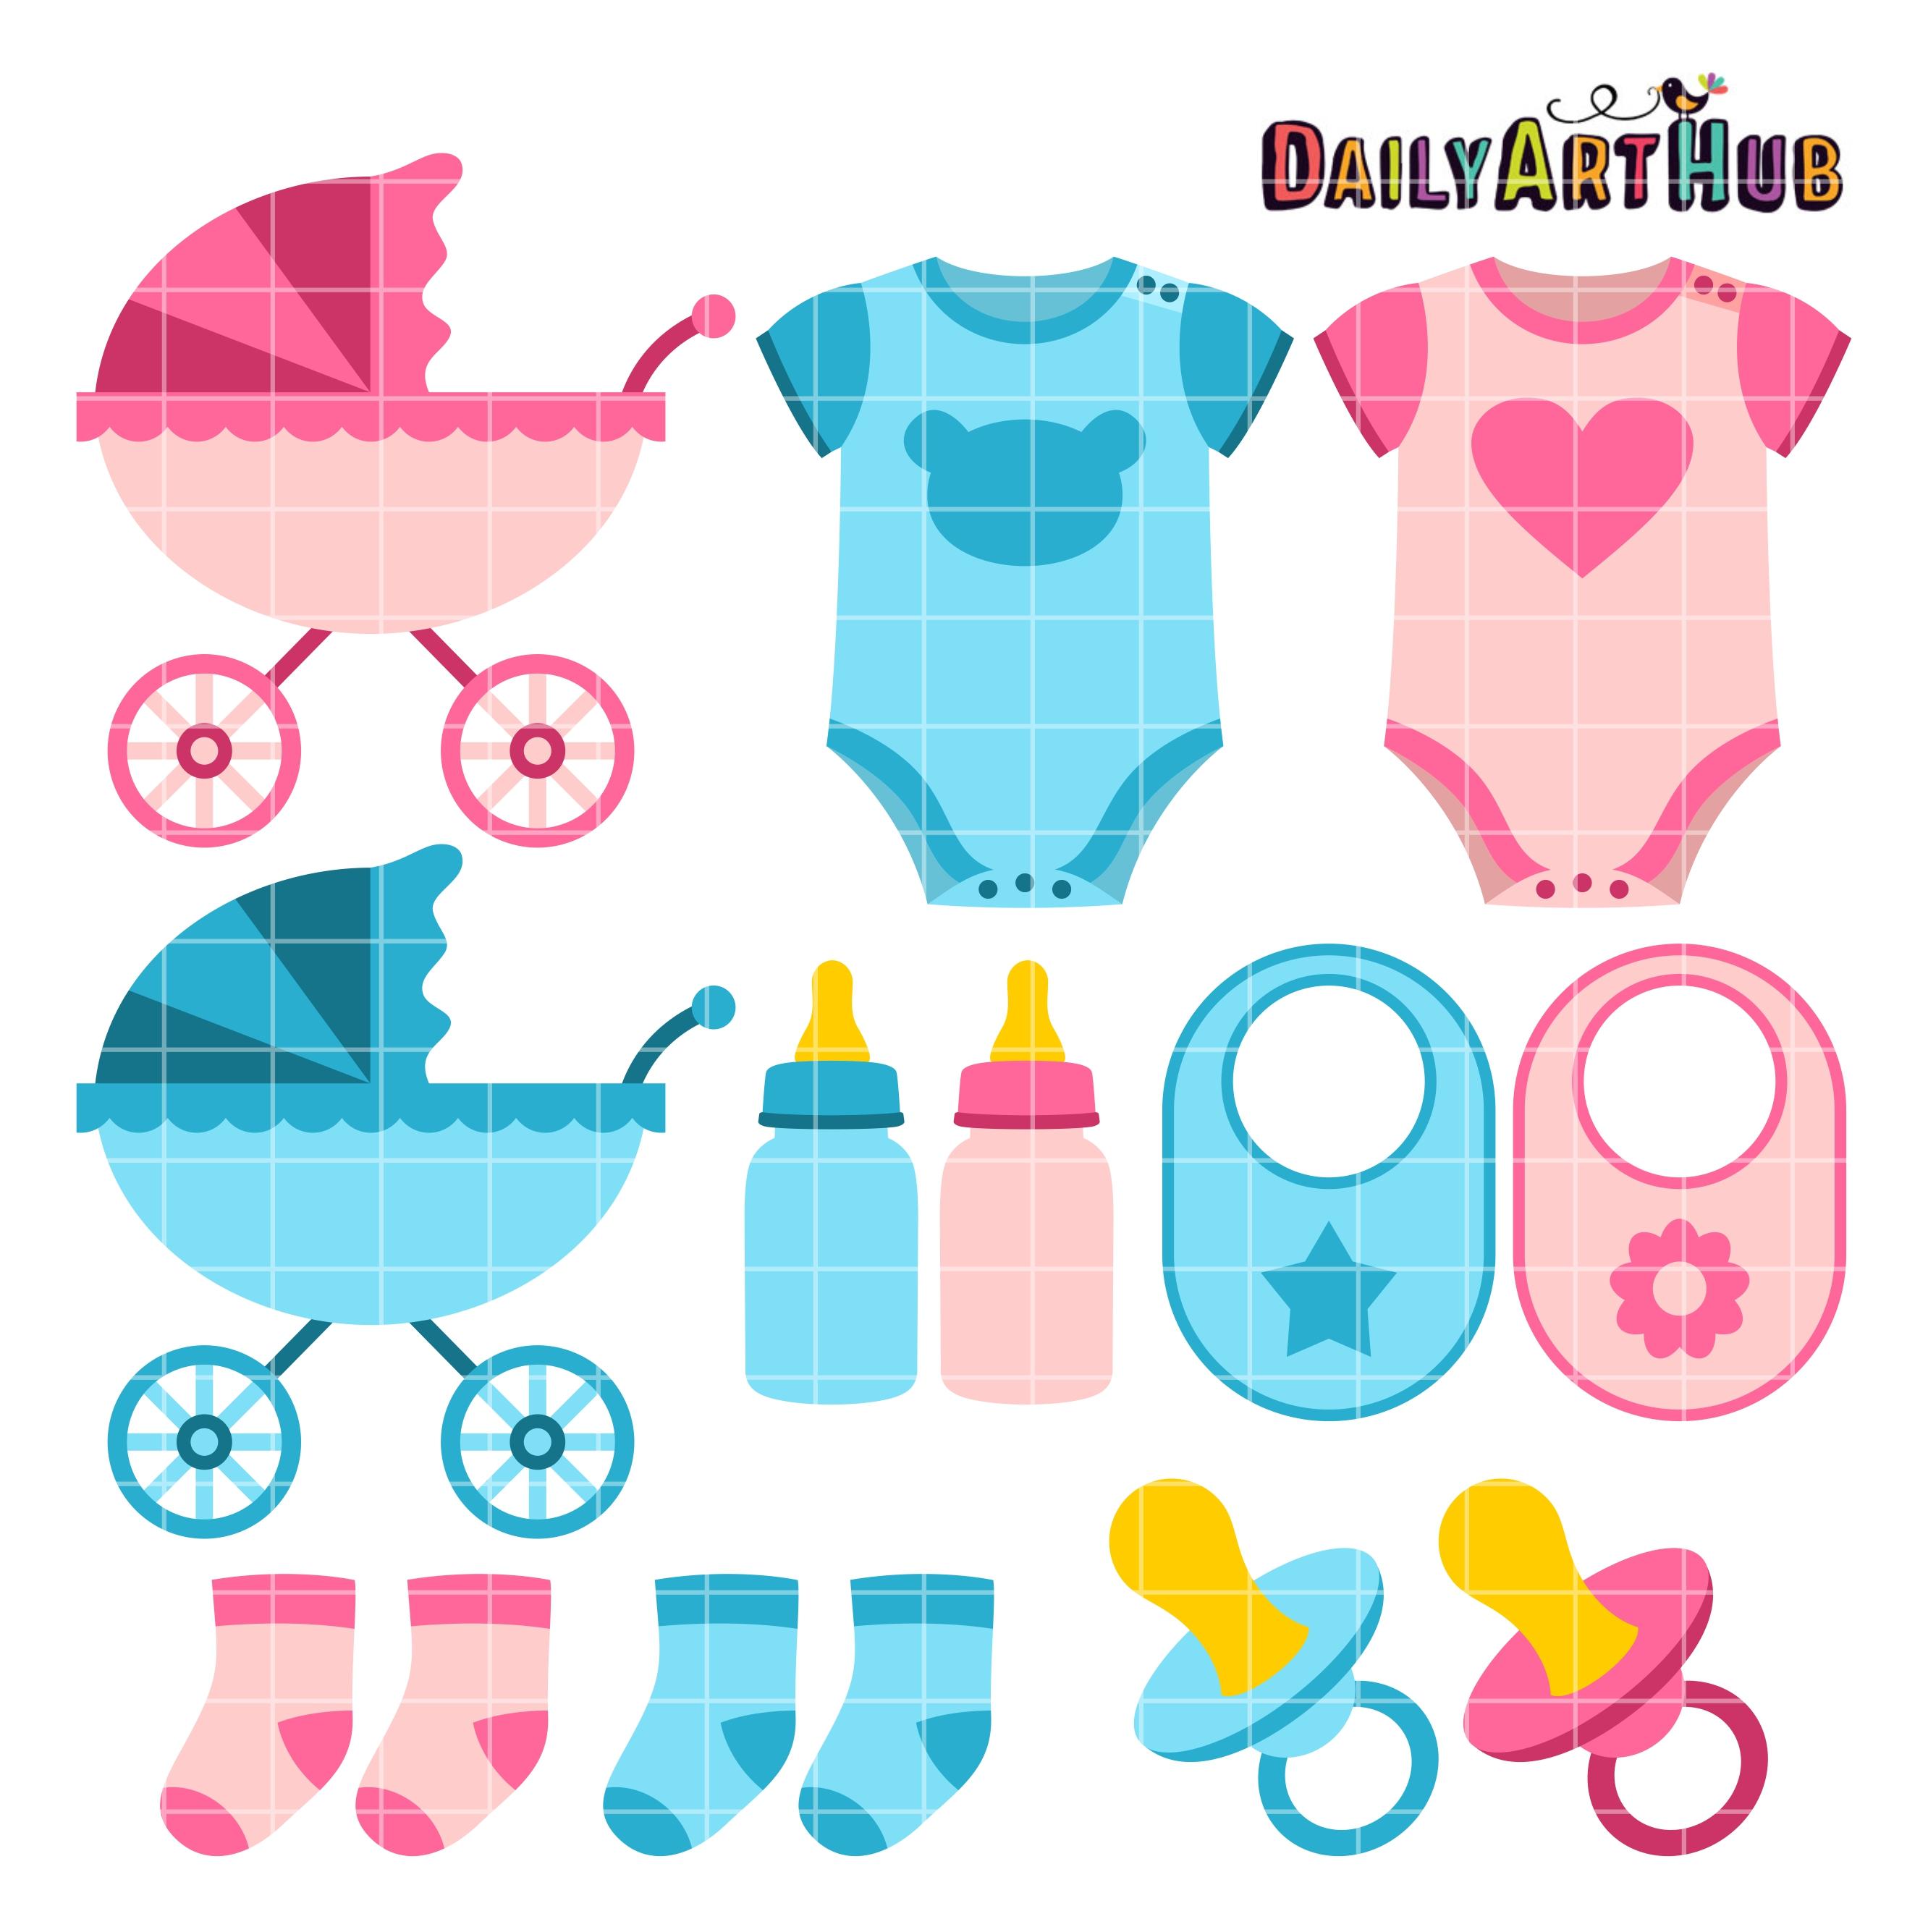 baby things clip art set daily art hub baby items clipart images baby items clipart free black and white